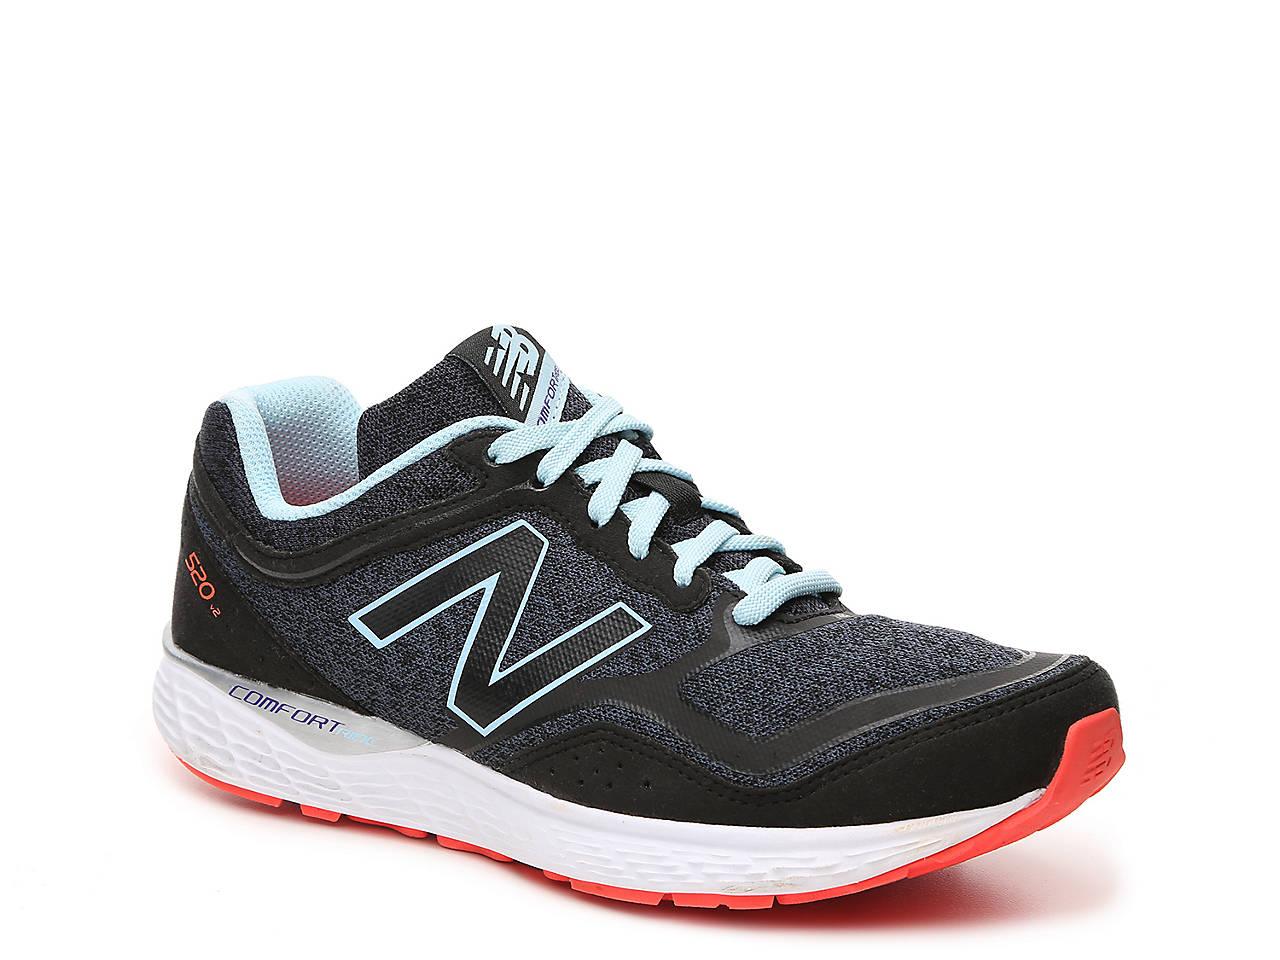 9e652743326c0 New Balance 520 v2 Running Shoe - Women s Women s Shoes